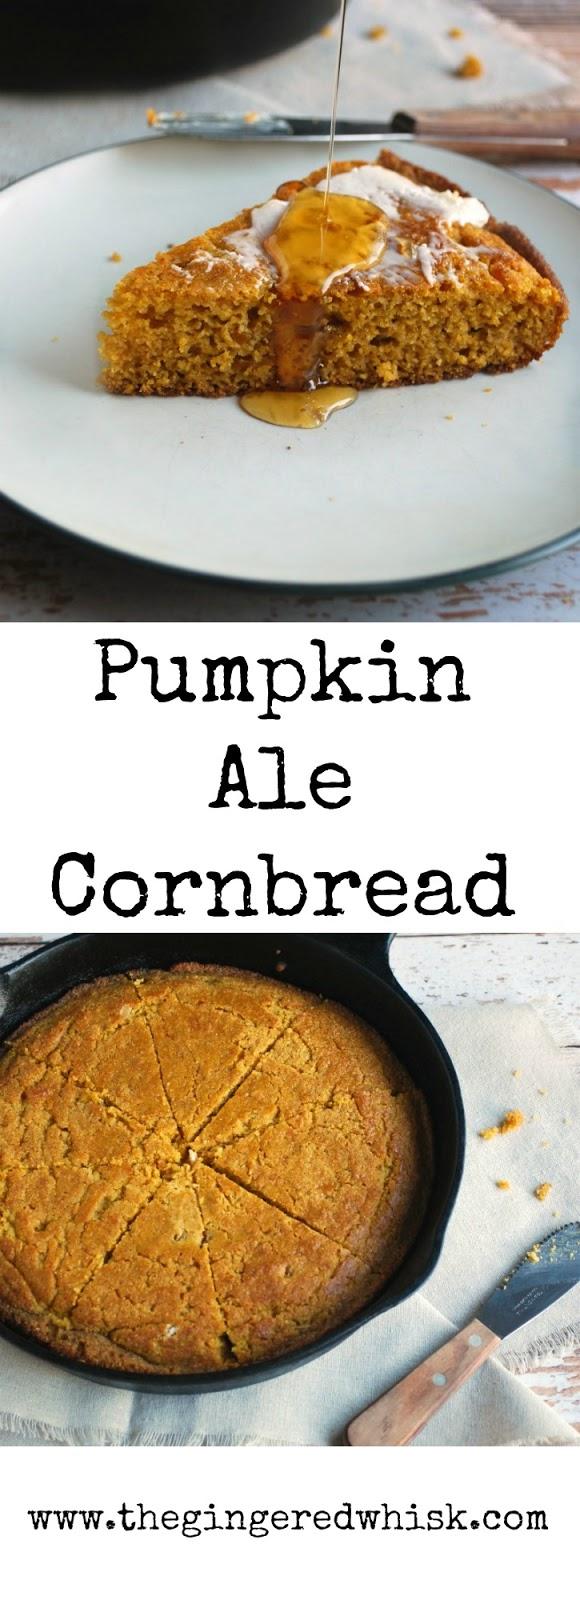 Pumpkin Ale Cornbread in a skillet